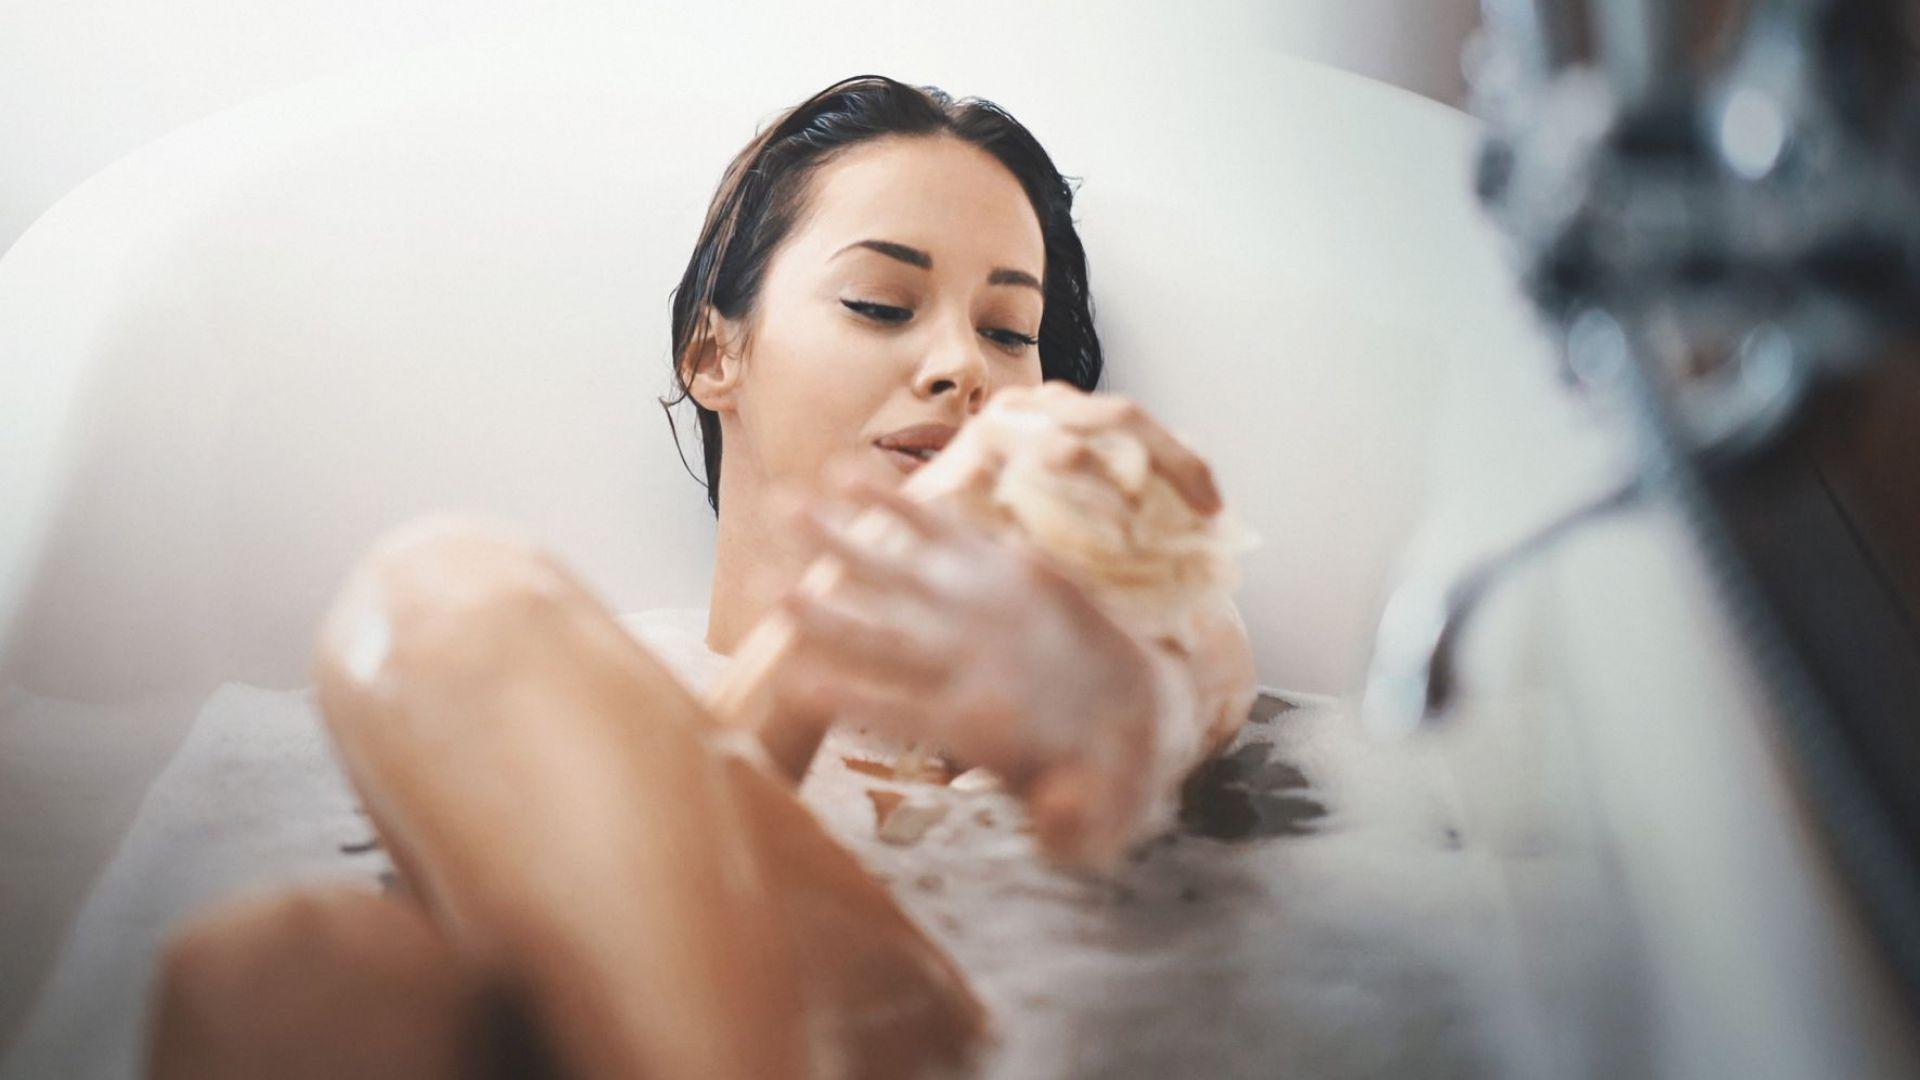 Чесънът и горещата вана не осигуряват защита срещу новия коронавирус